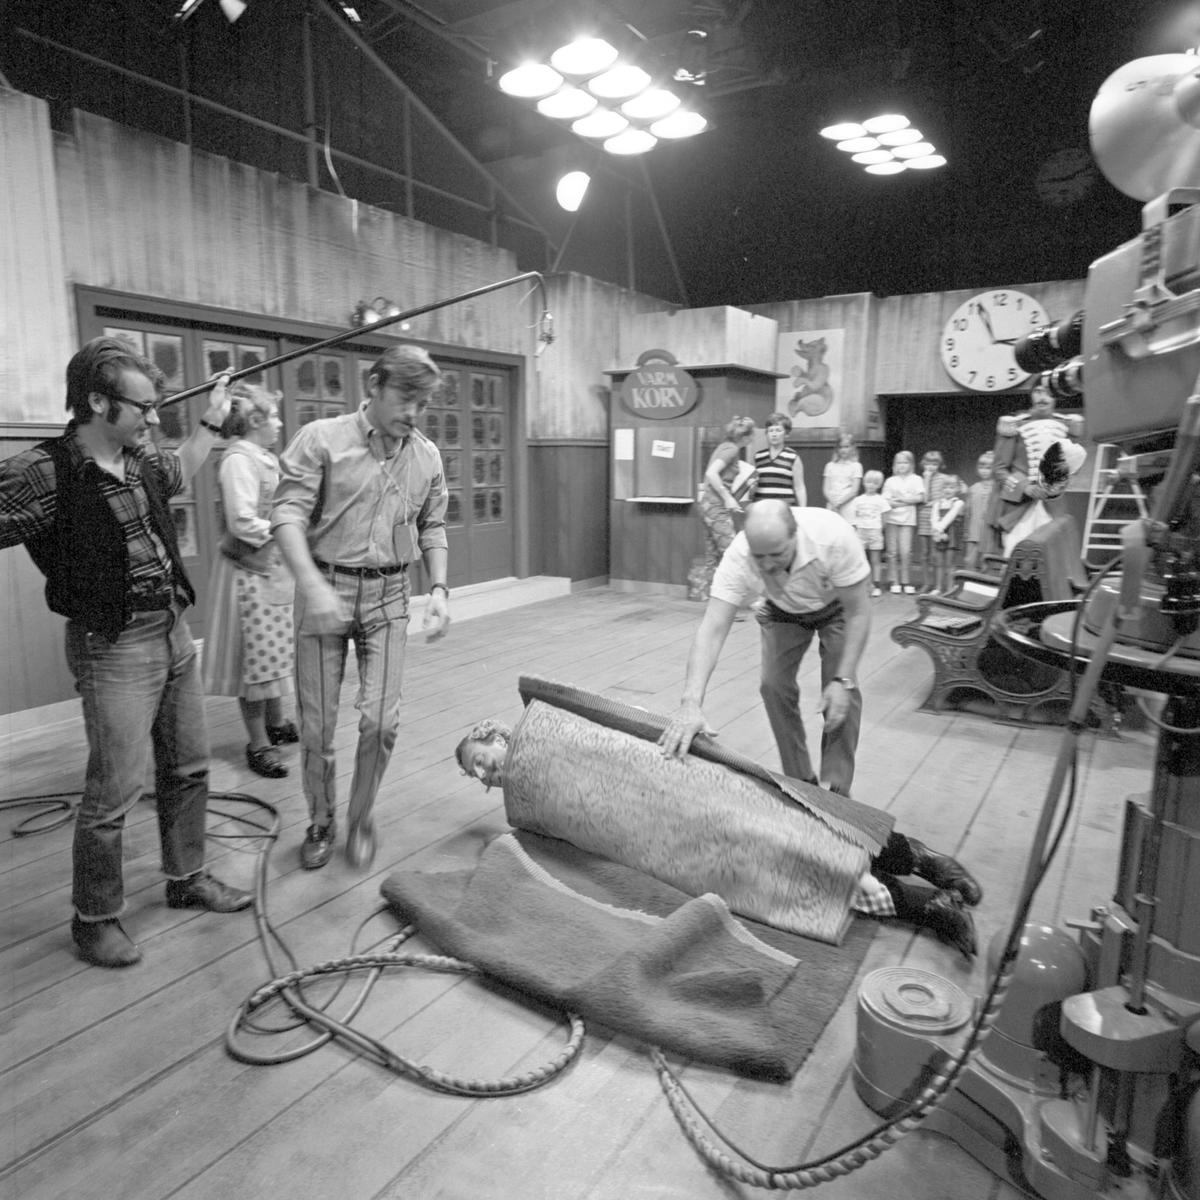 Studiomän och skådespelare under TV-inspelning